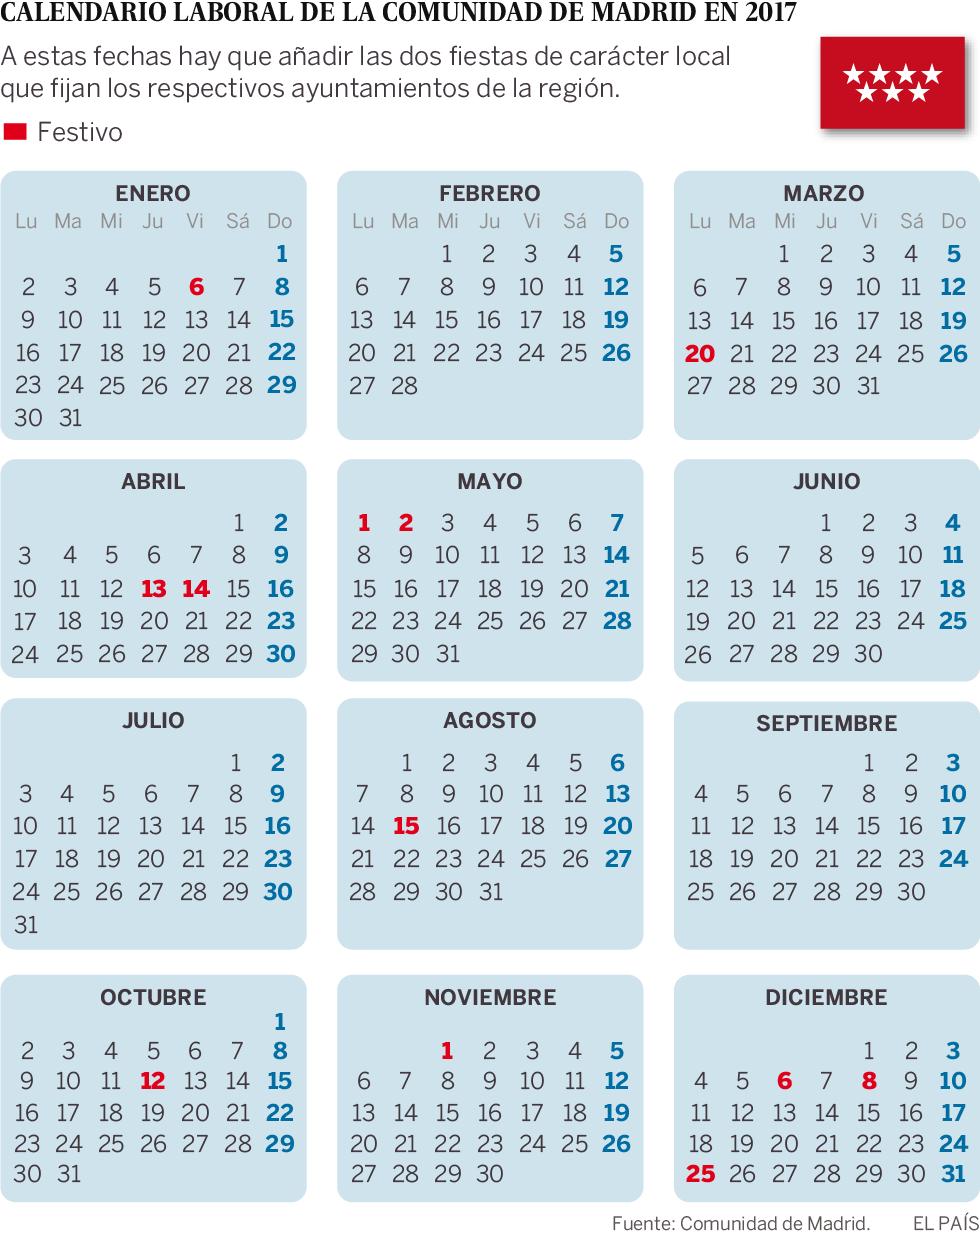 Calendario laboral la comunidad de madrid tendr doce for Festivos valladolid 2017